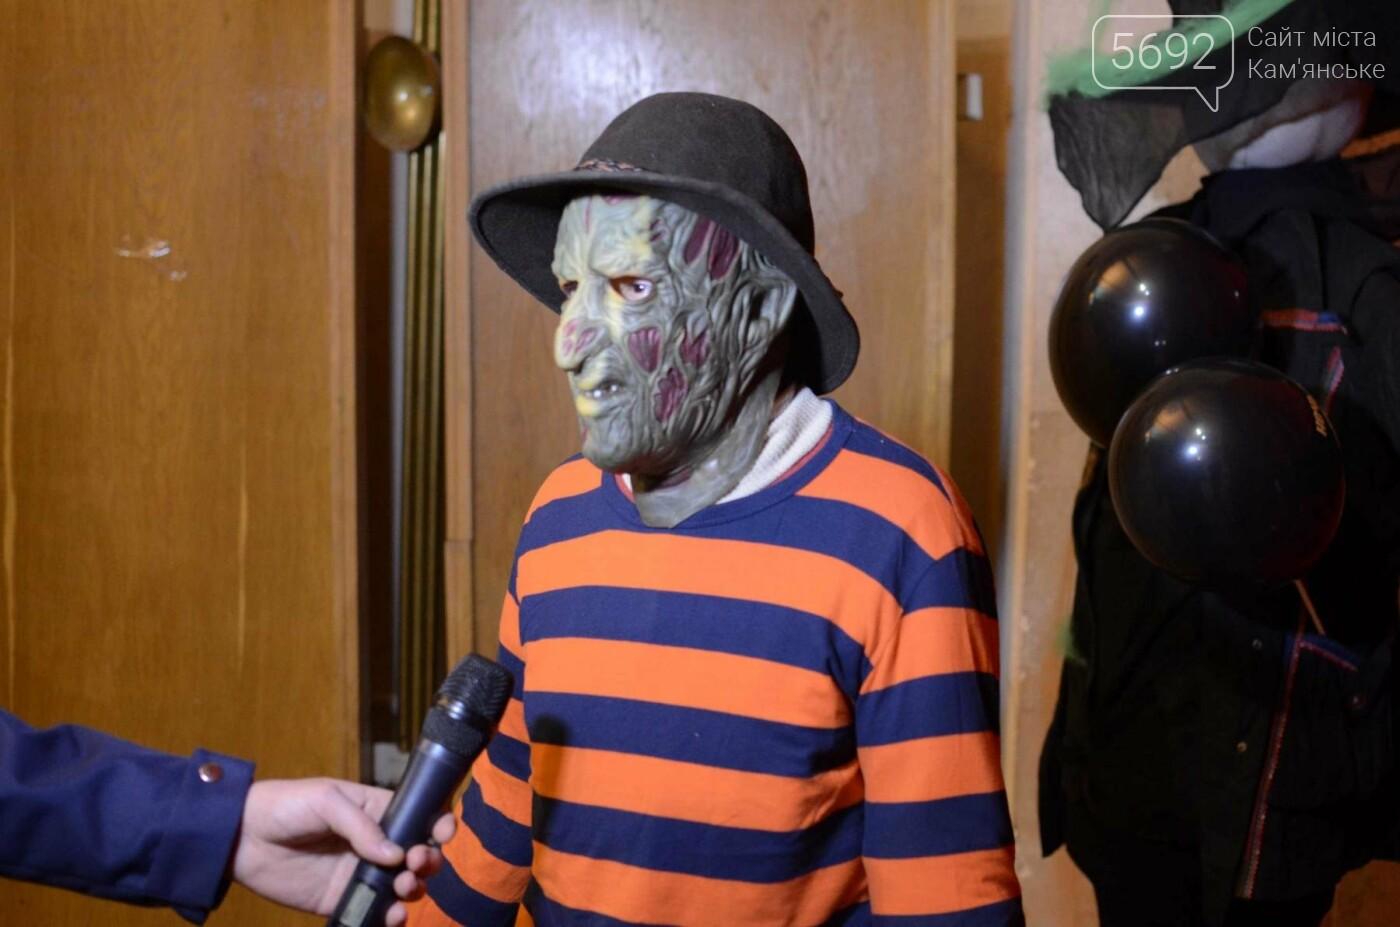 Ночь кино в Каменском посвятили Хэллоуину, фото-33